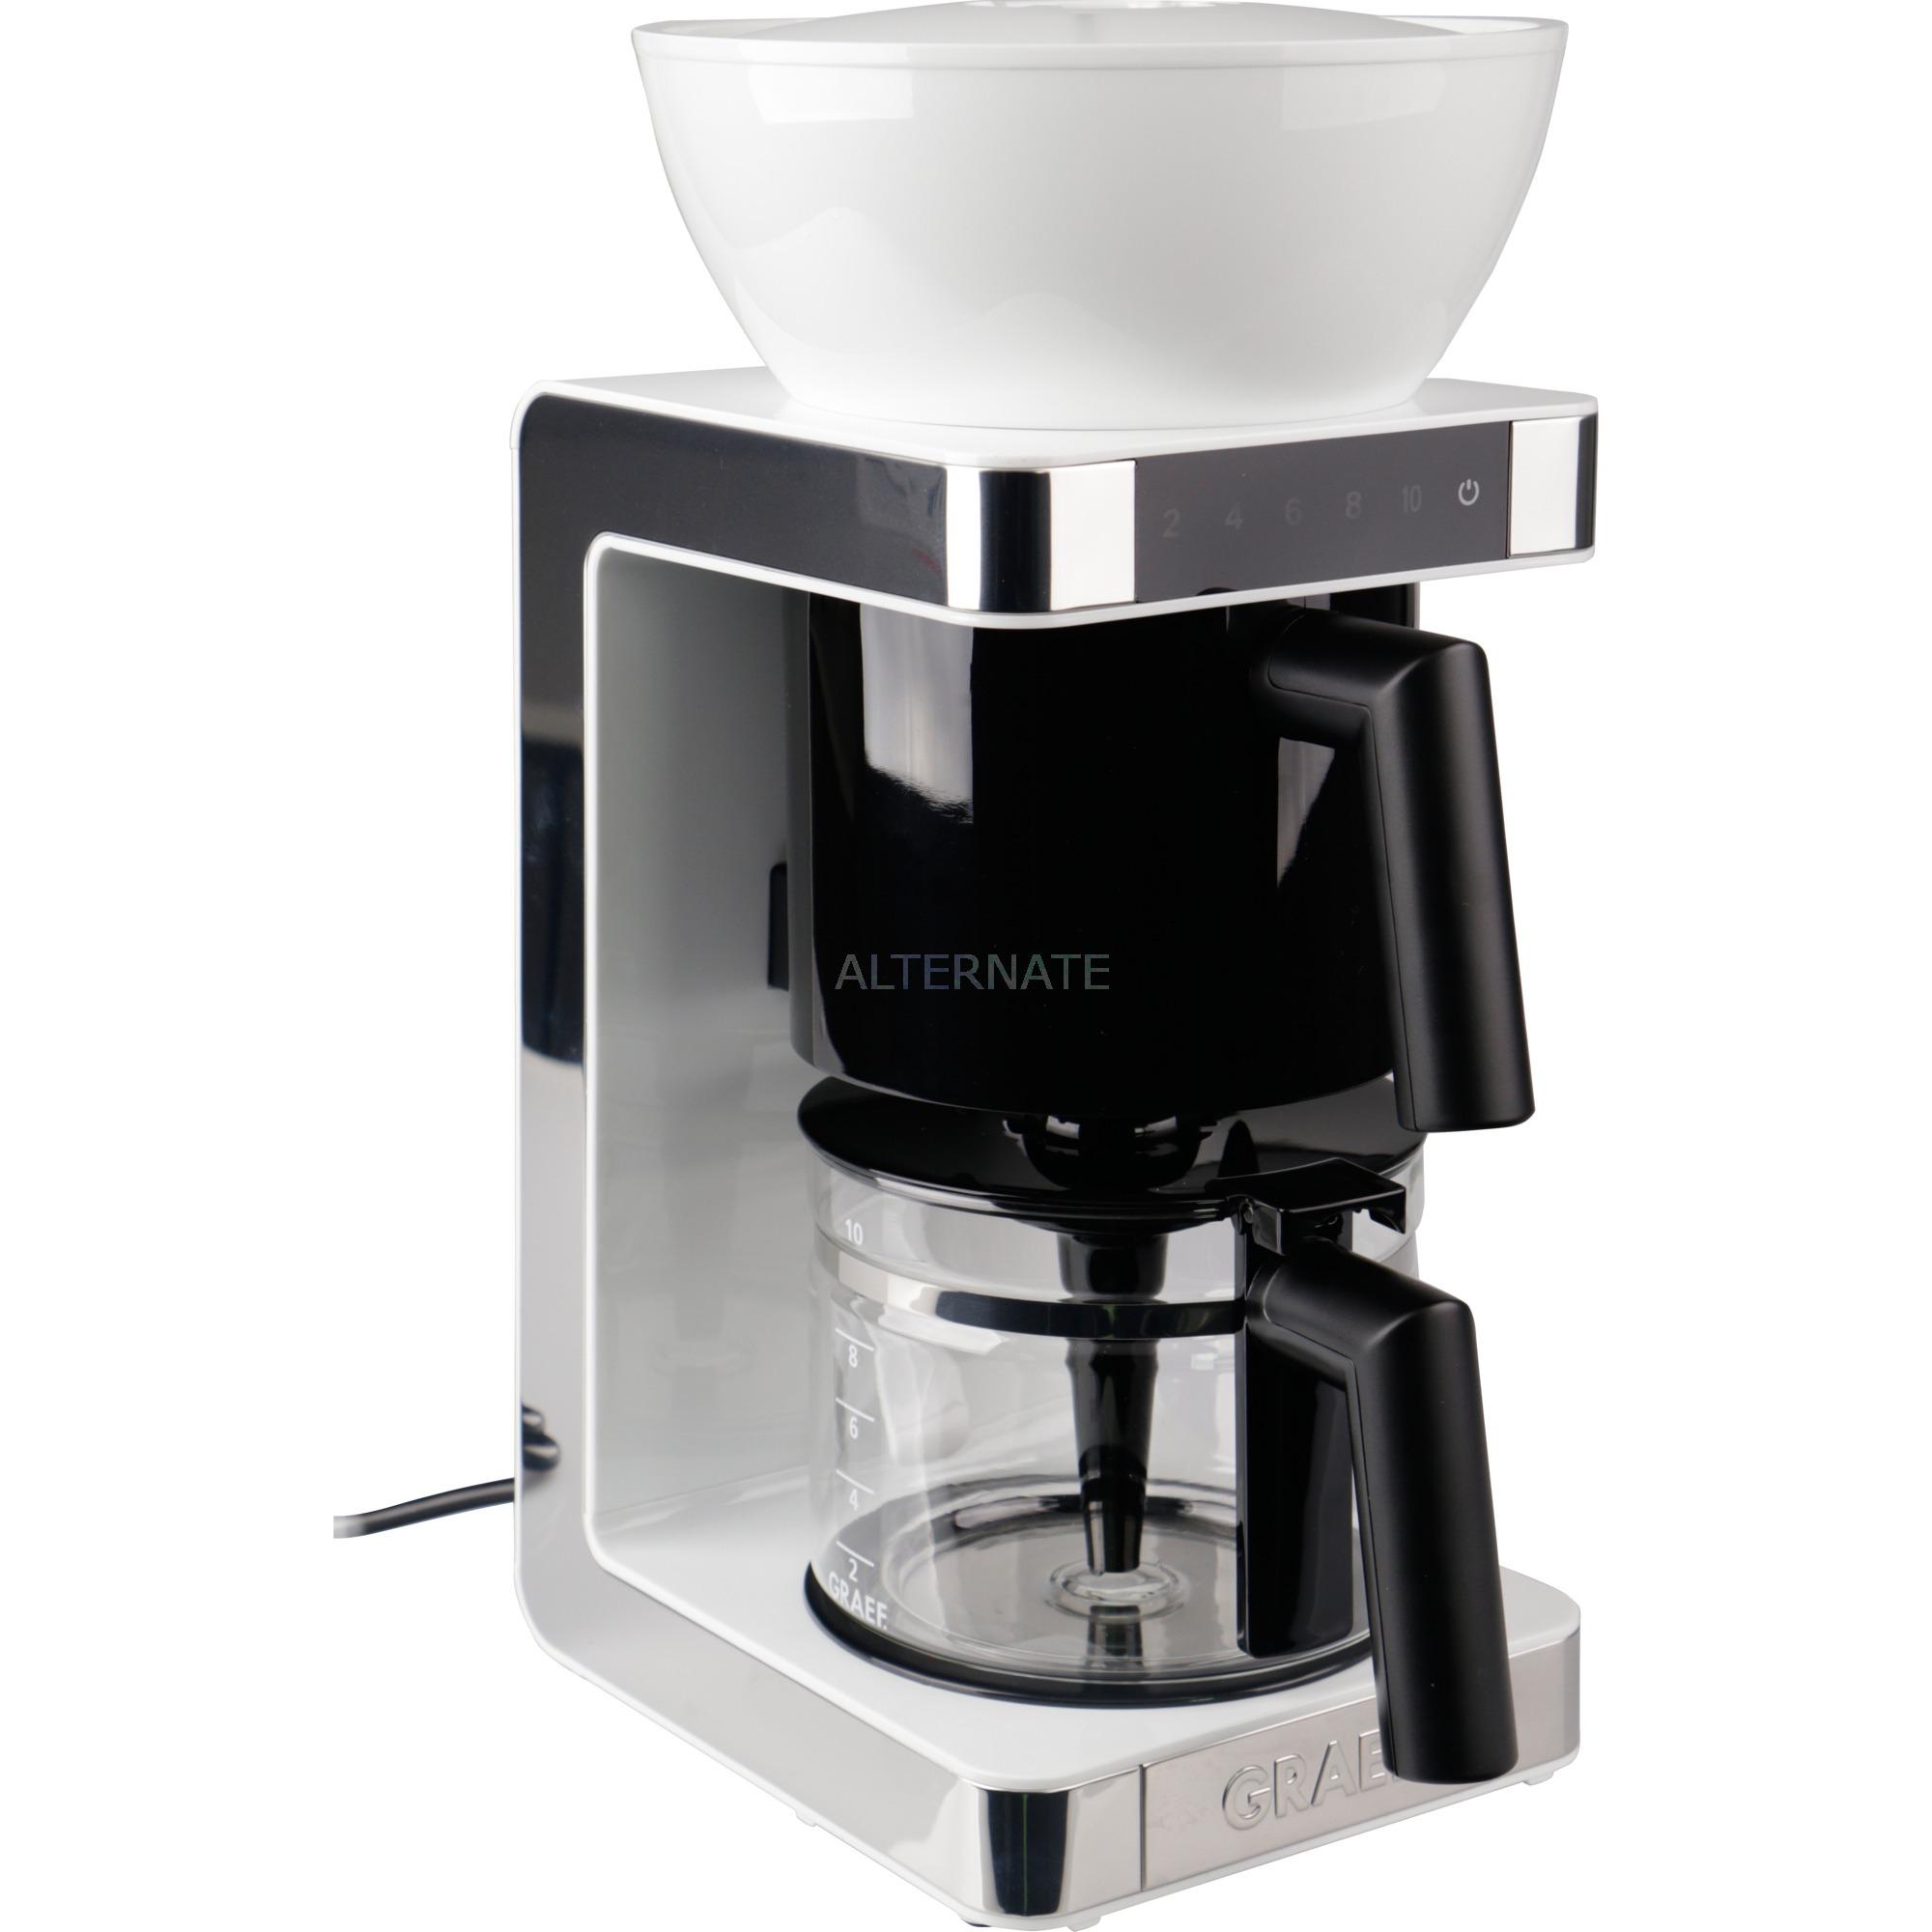 FK 701 Independiente Semi-automática Cafetera de filtro 1.25L 10tazas Blanco